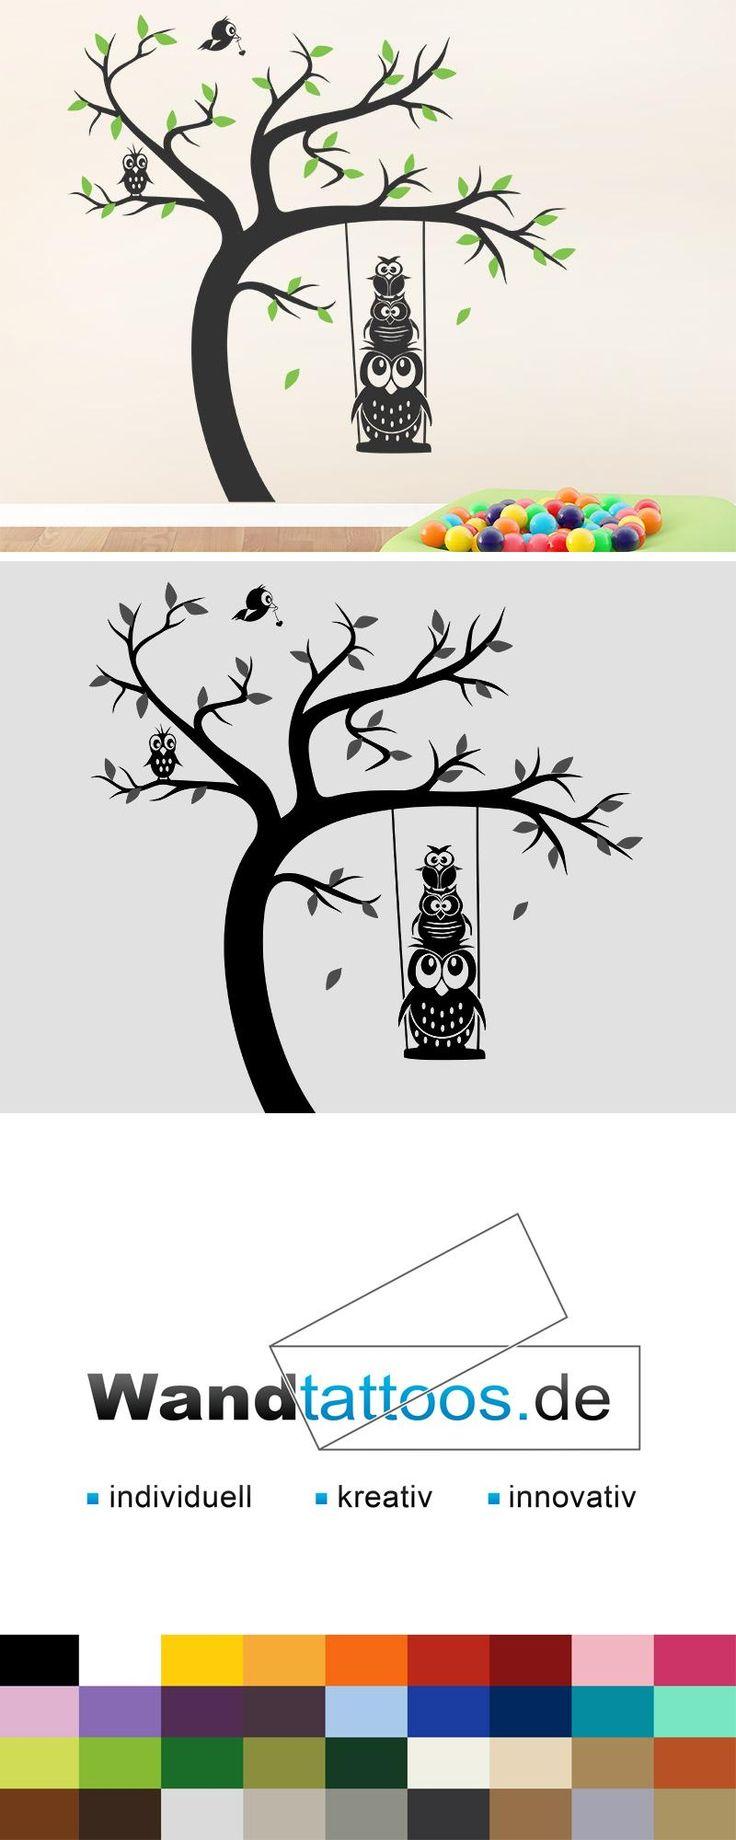 Wandtattoo Baum Eulenschaukel als Idee zur individuellen Wandgestaltung. Einfach Lieblingsfarbe und Größe auswählen. Weitere kreative Anregungen von Wandtattoos.de hier entdecken!